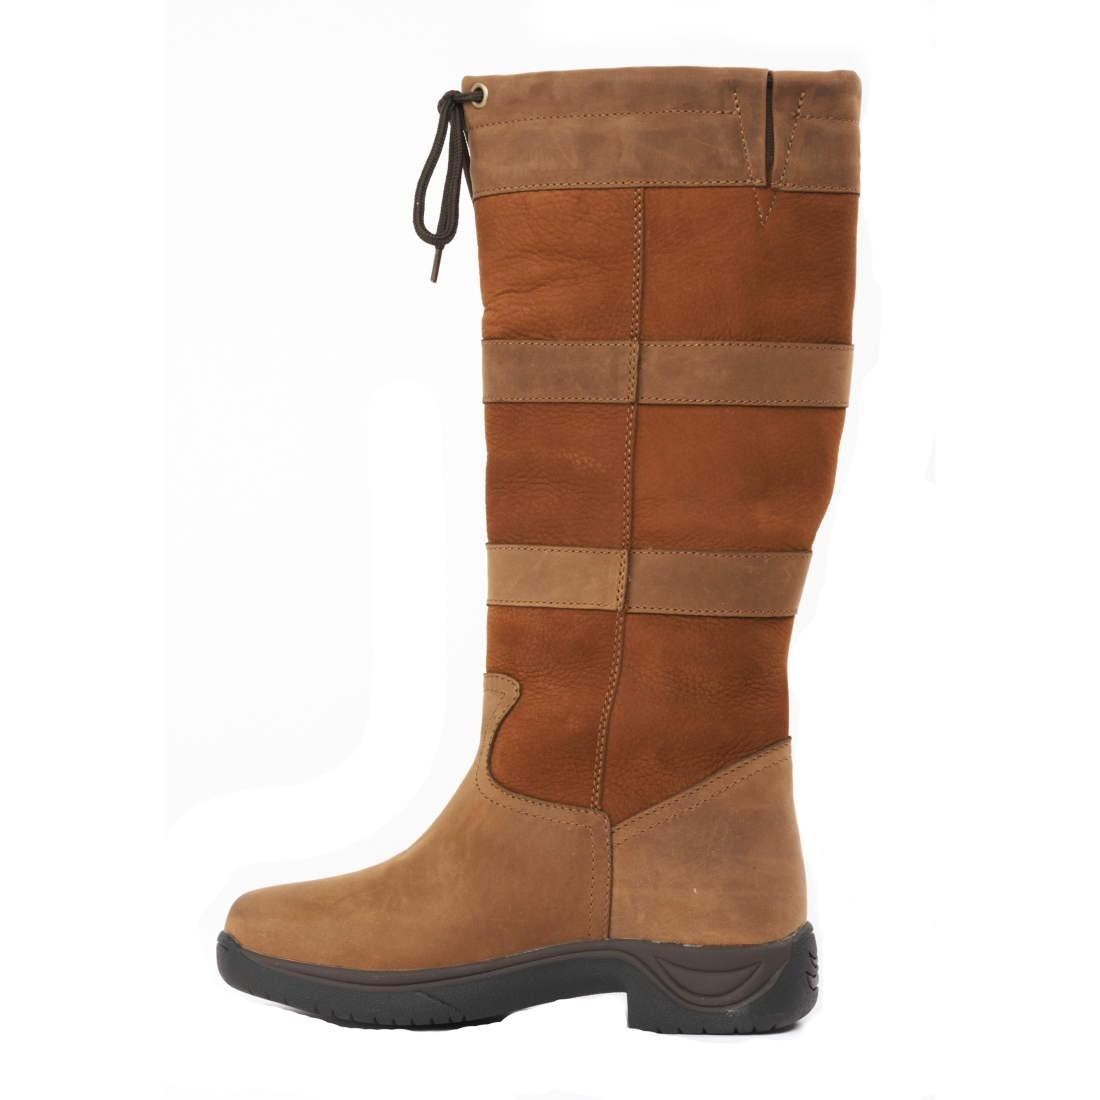 Dublin River Boot Tall Waterproof Boots Dark Brown